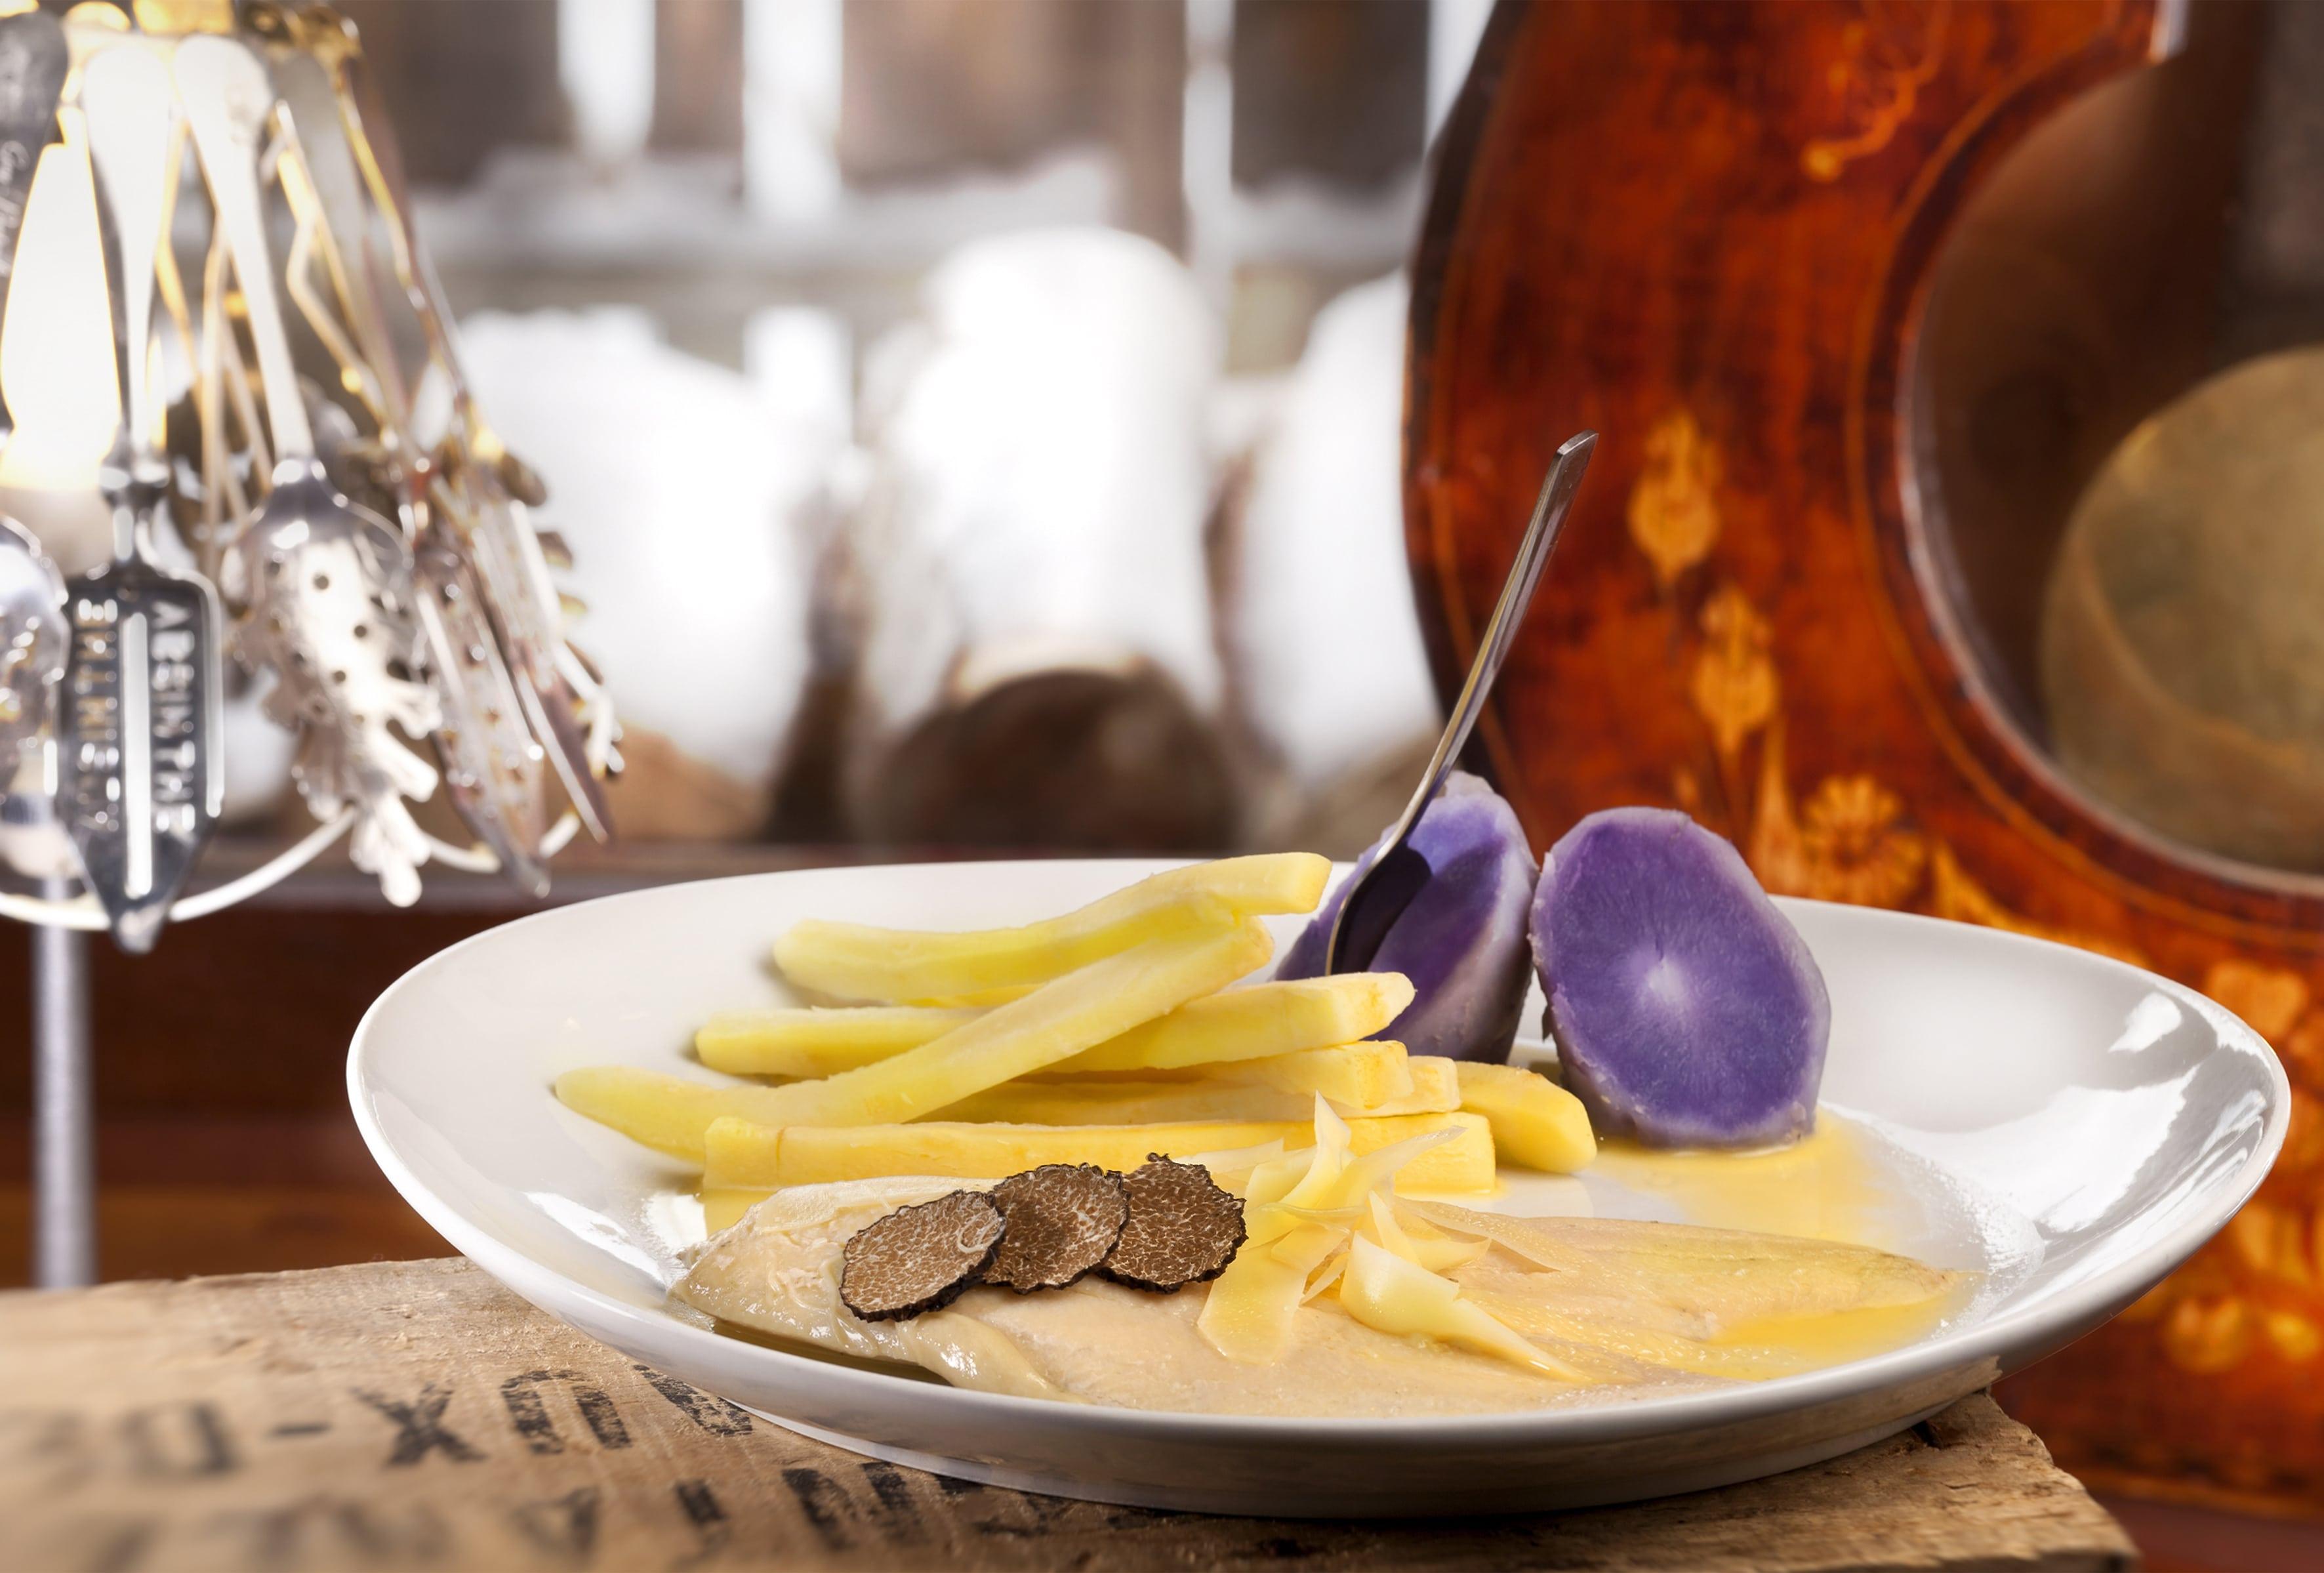 La recette du week-end. Omble chevalier au comté et à la truffe de Bourgogne